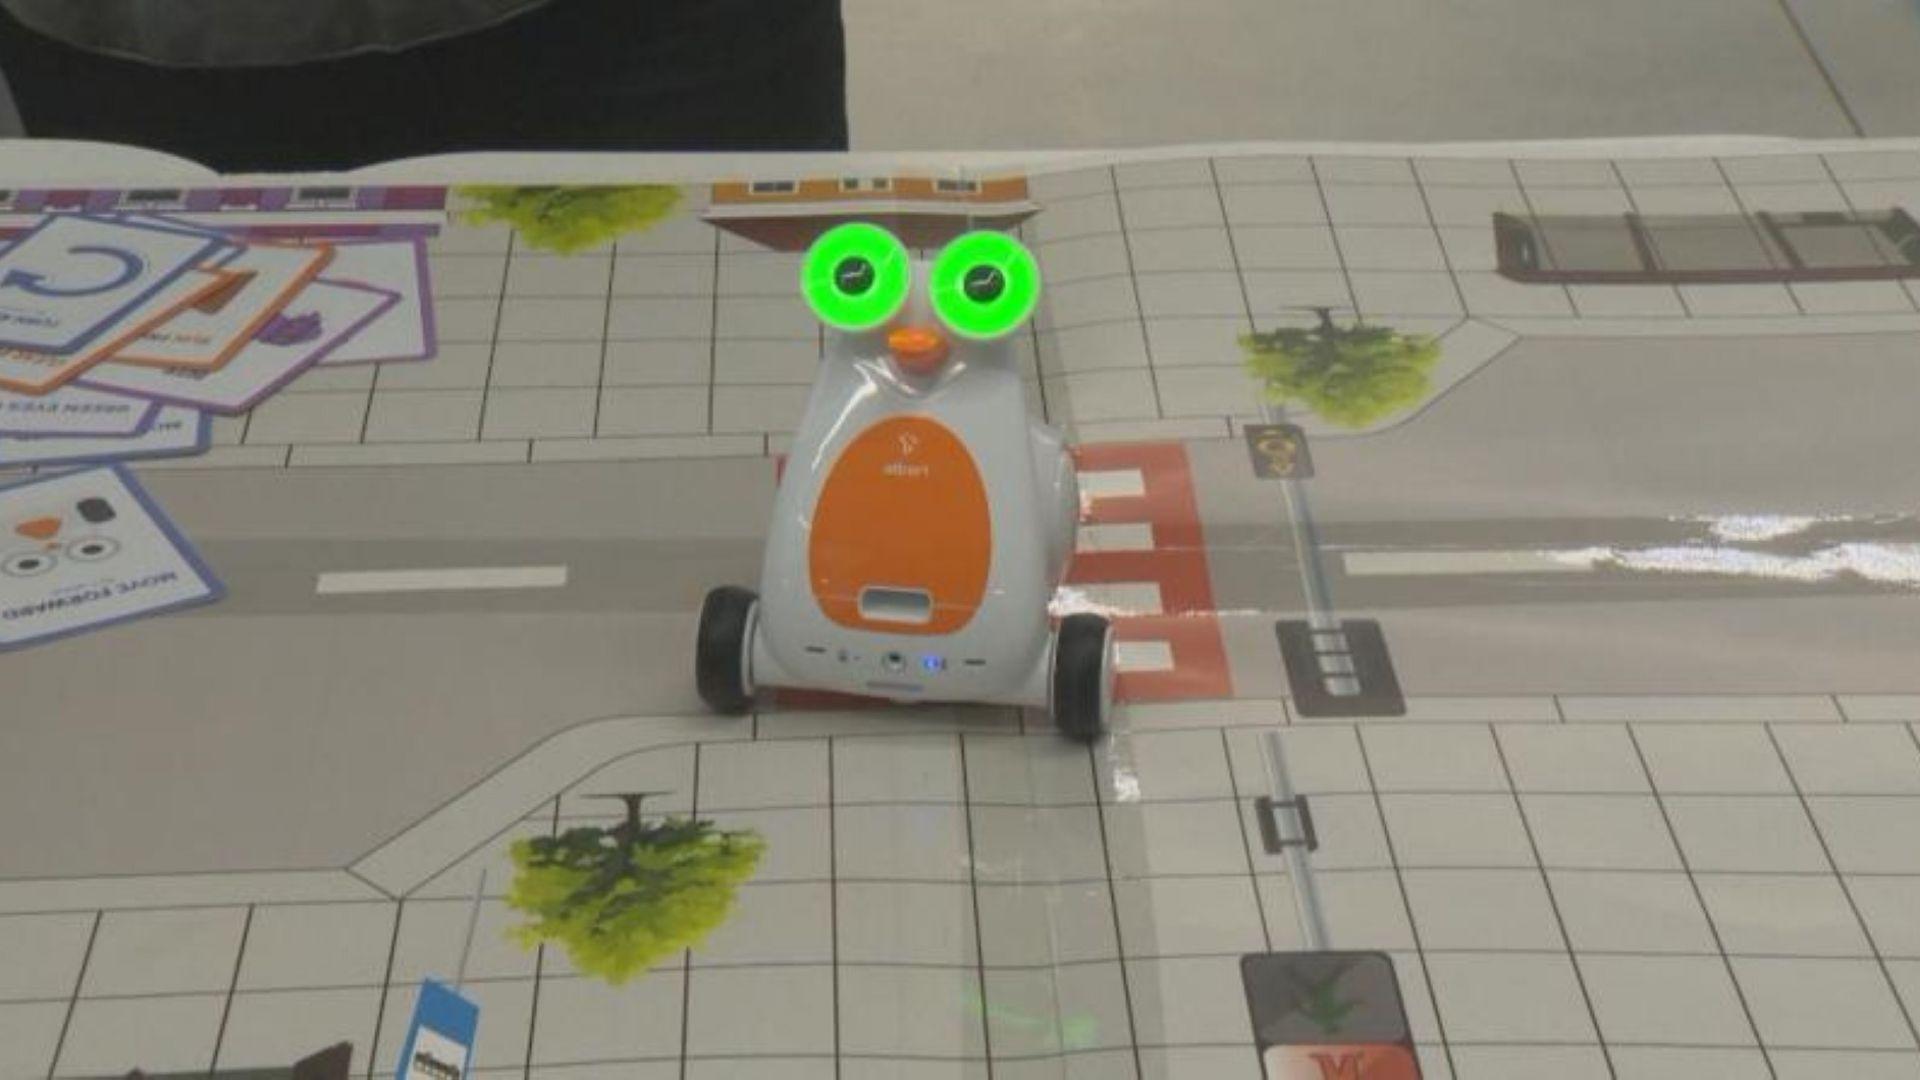 """Професор предлага обучение по """"Безопасност на движението"""" с роботи"""